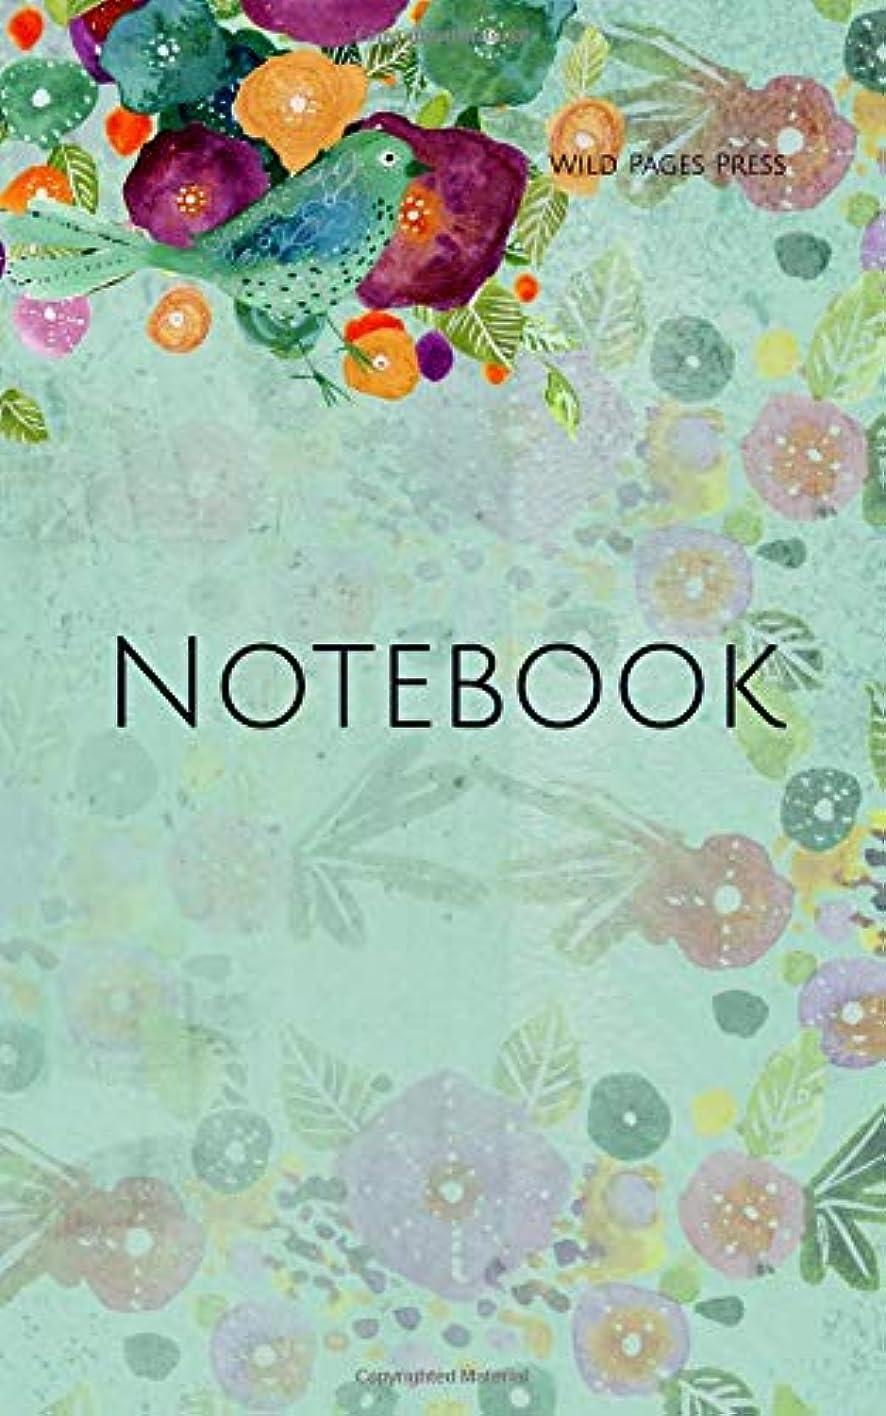 バルクセーブ噛むNotebook: background green  floral watercolor botanical botany science garden gardening flowers